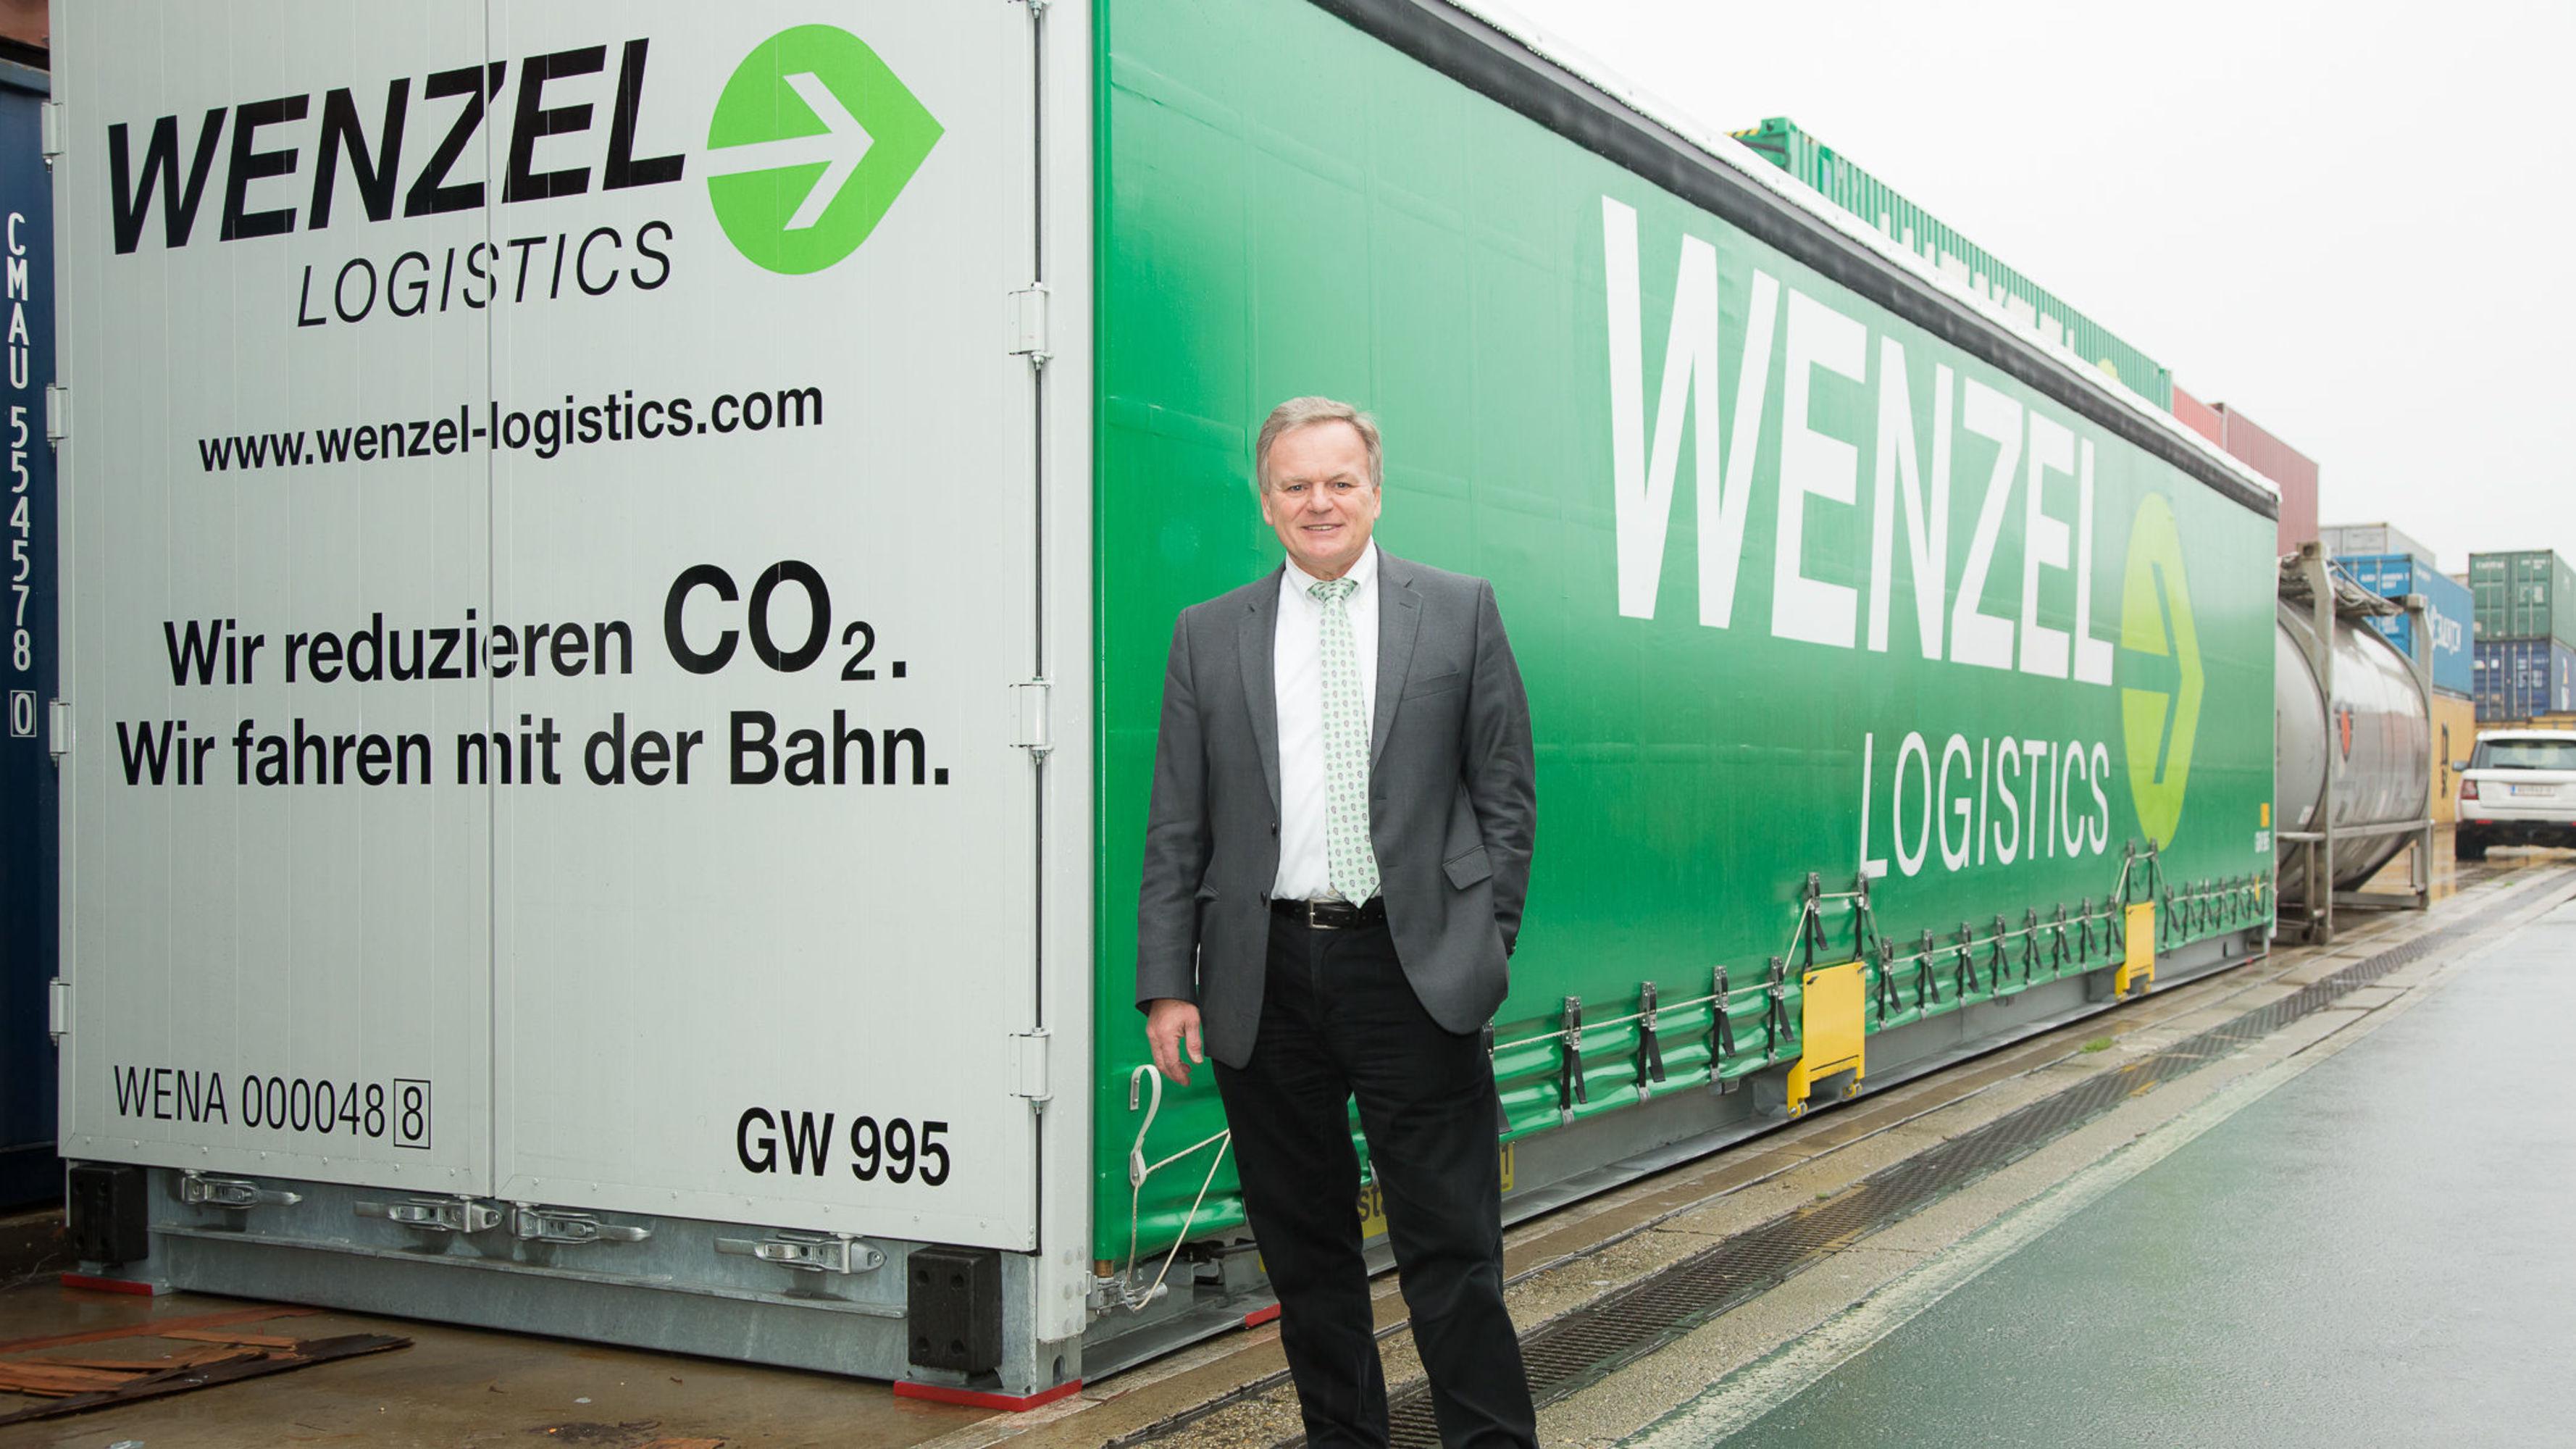 Norbert Wenzel